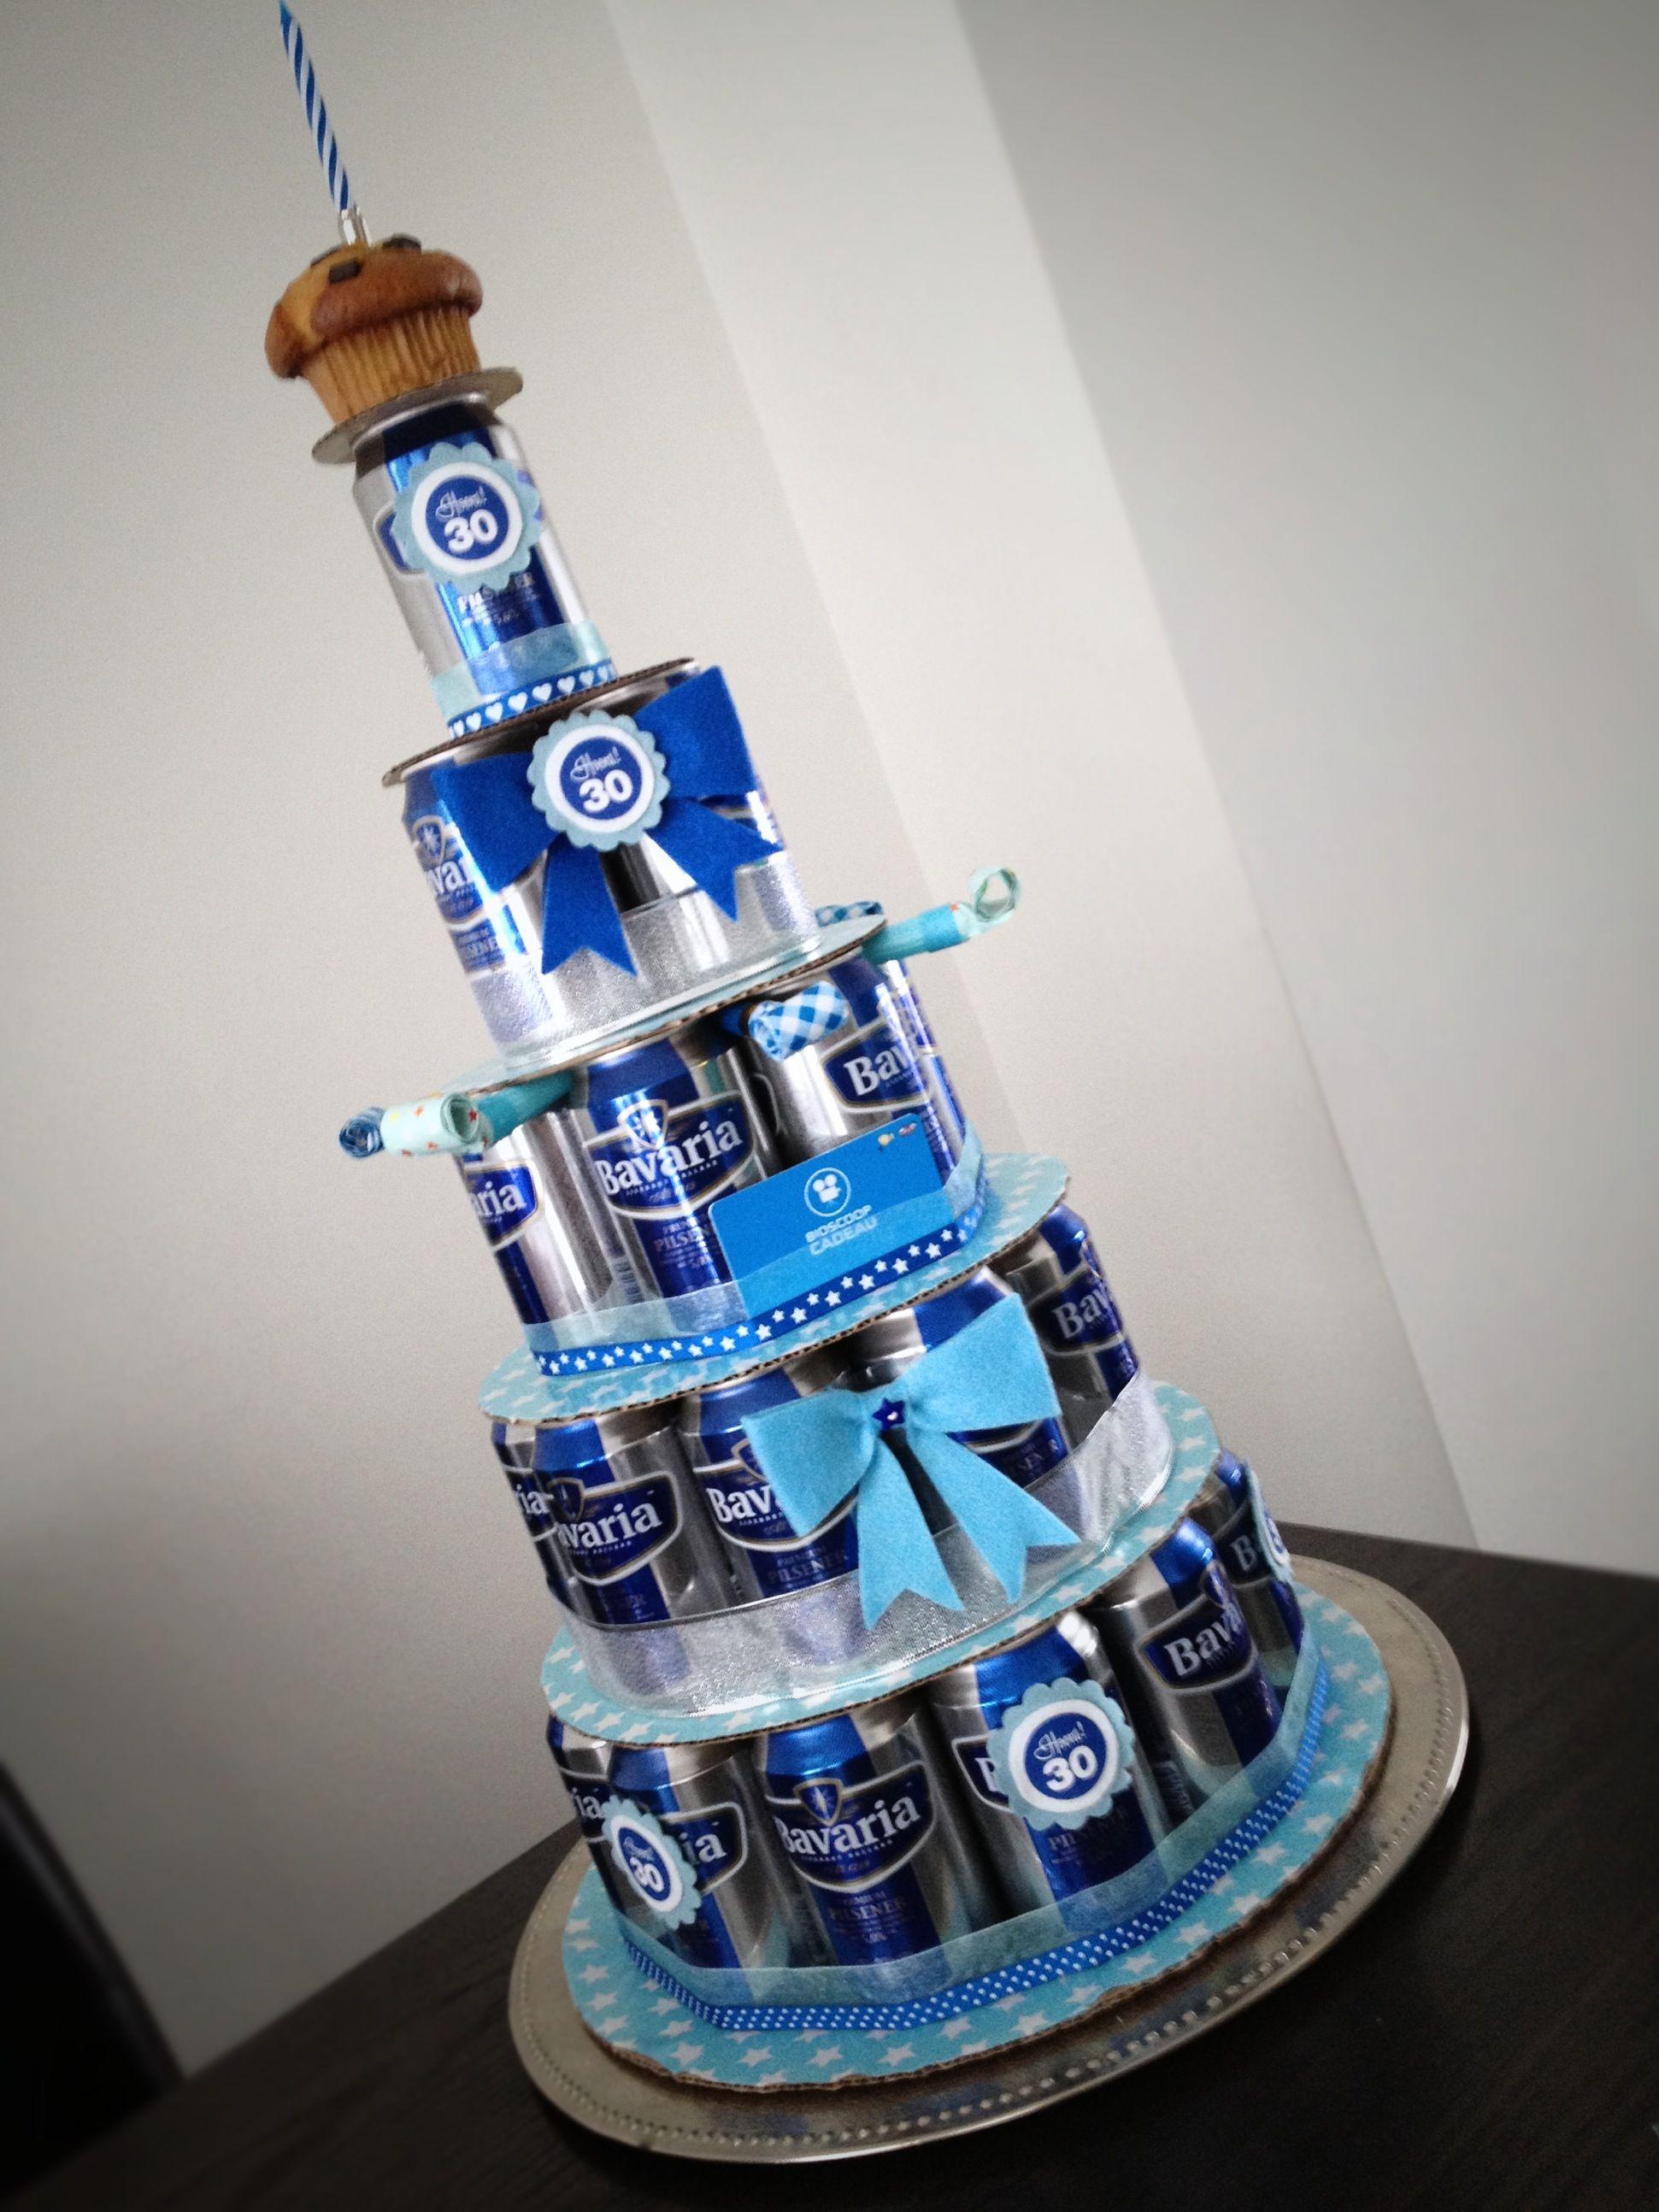 cadeau 40 jaar man 30 jaar?! Maak een biertaart! | MOOI!!! | Pinterest | Gift, Beer  cadeau 40 jaar man